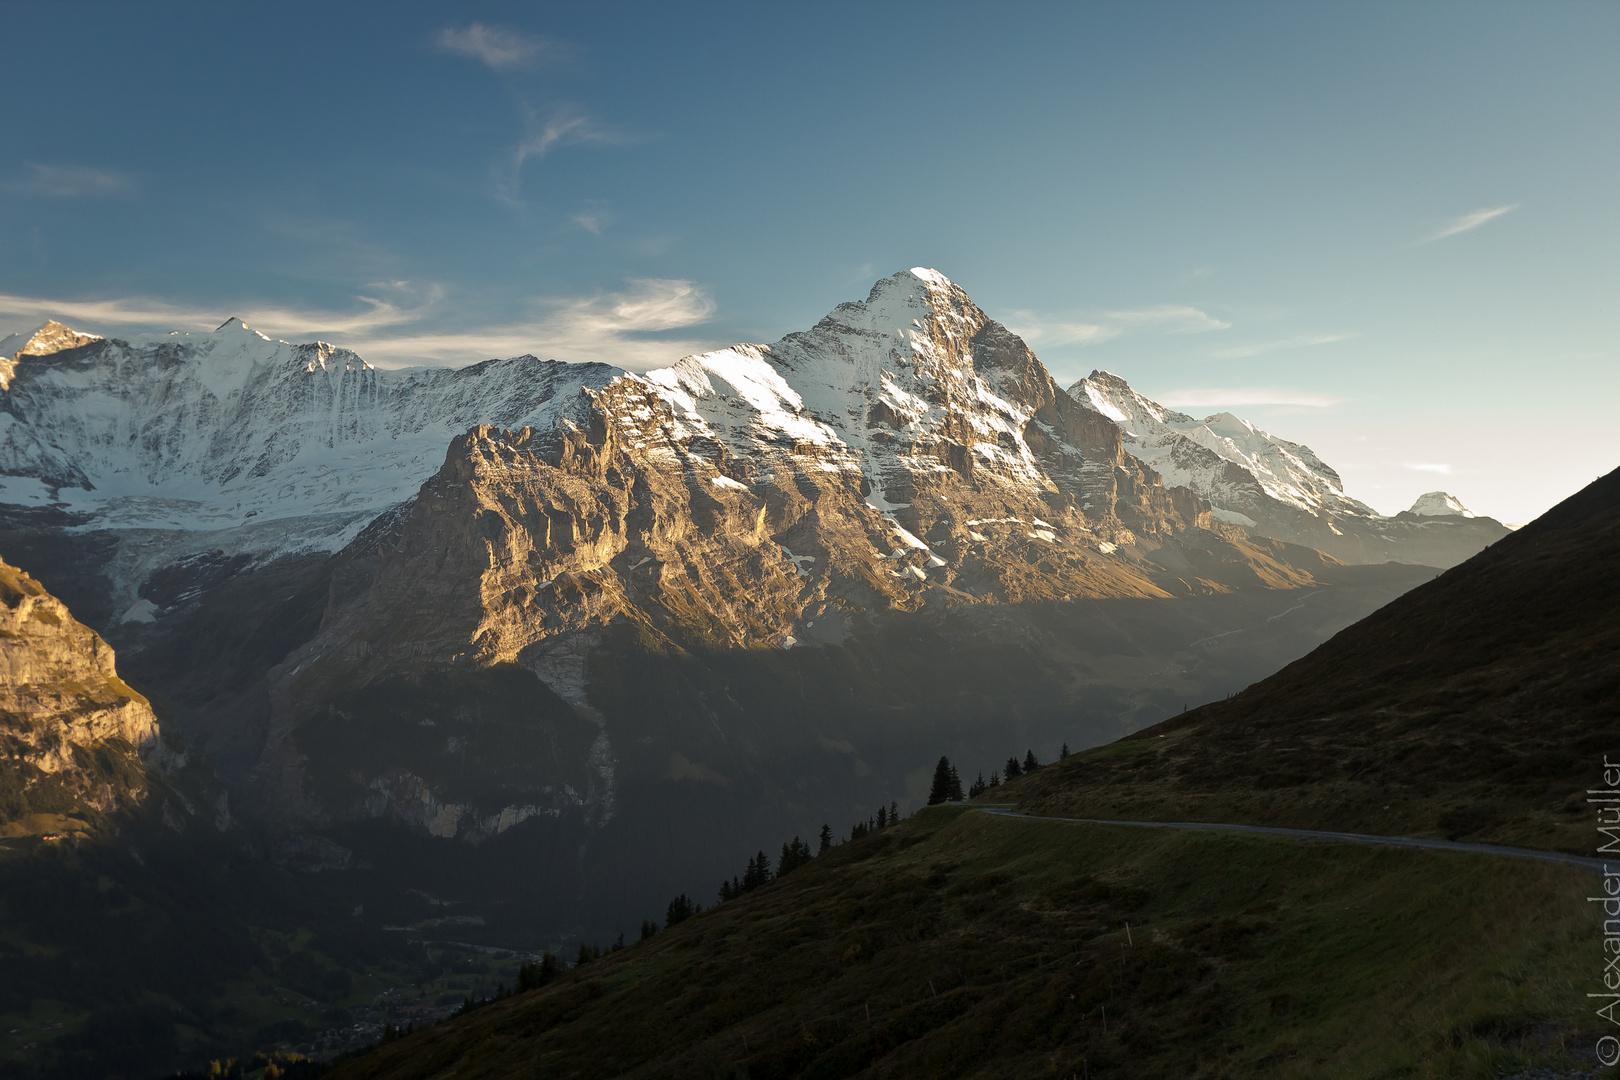 Eiger Nordwand - Berner Oberland